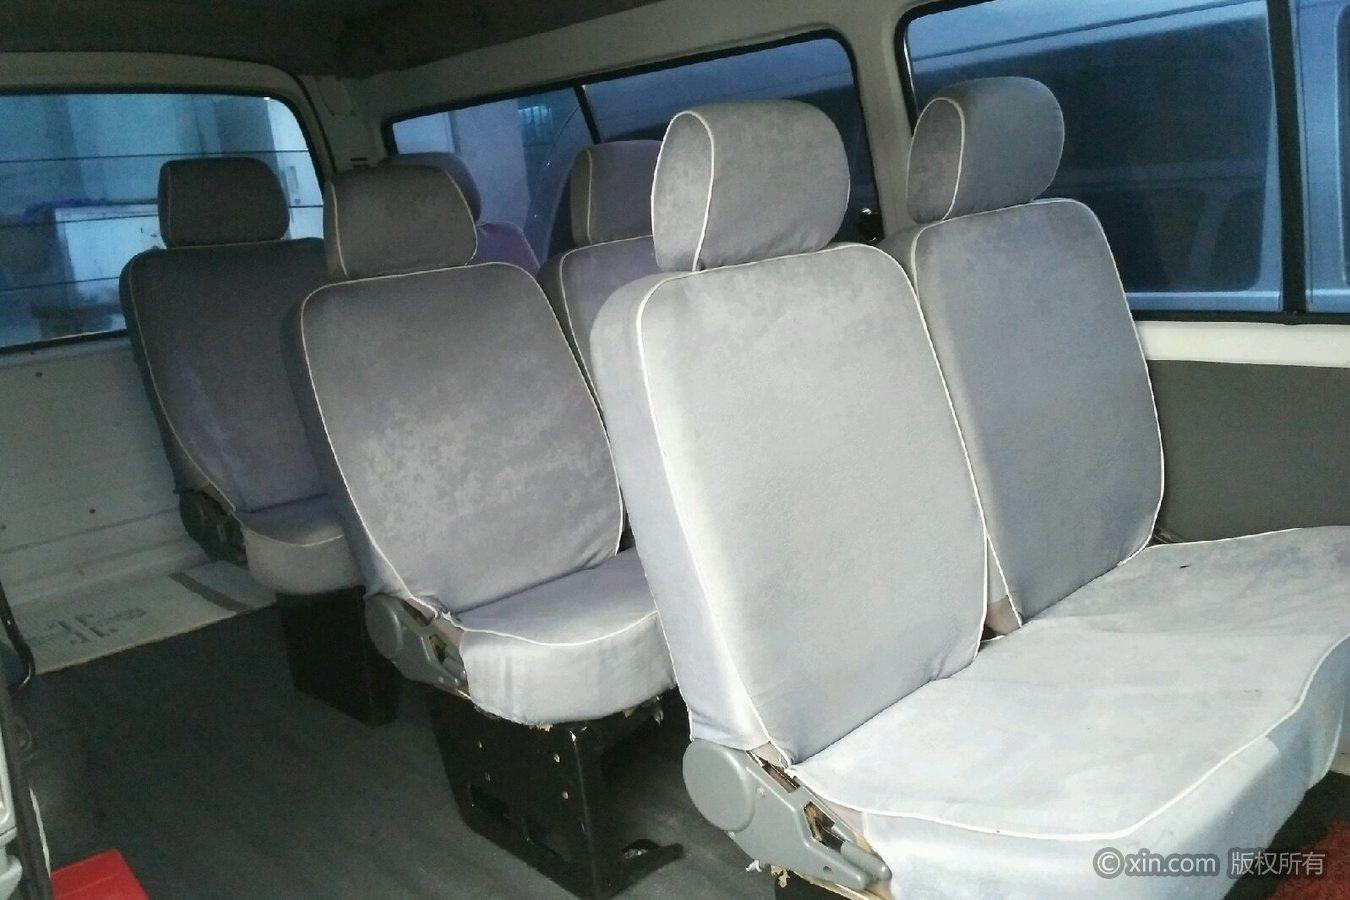 福田 风景爱尔法 2009款 2.0t 手动 快运9座 柴油